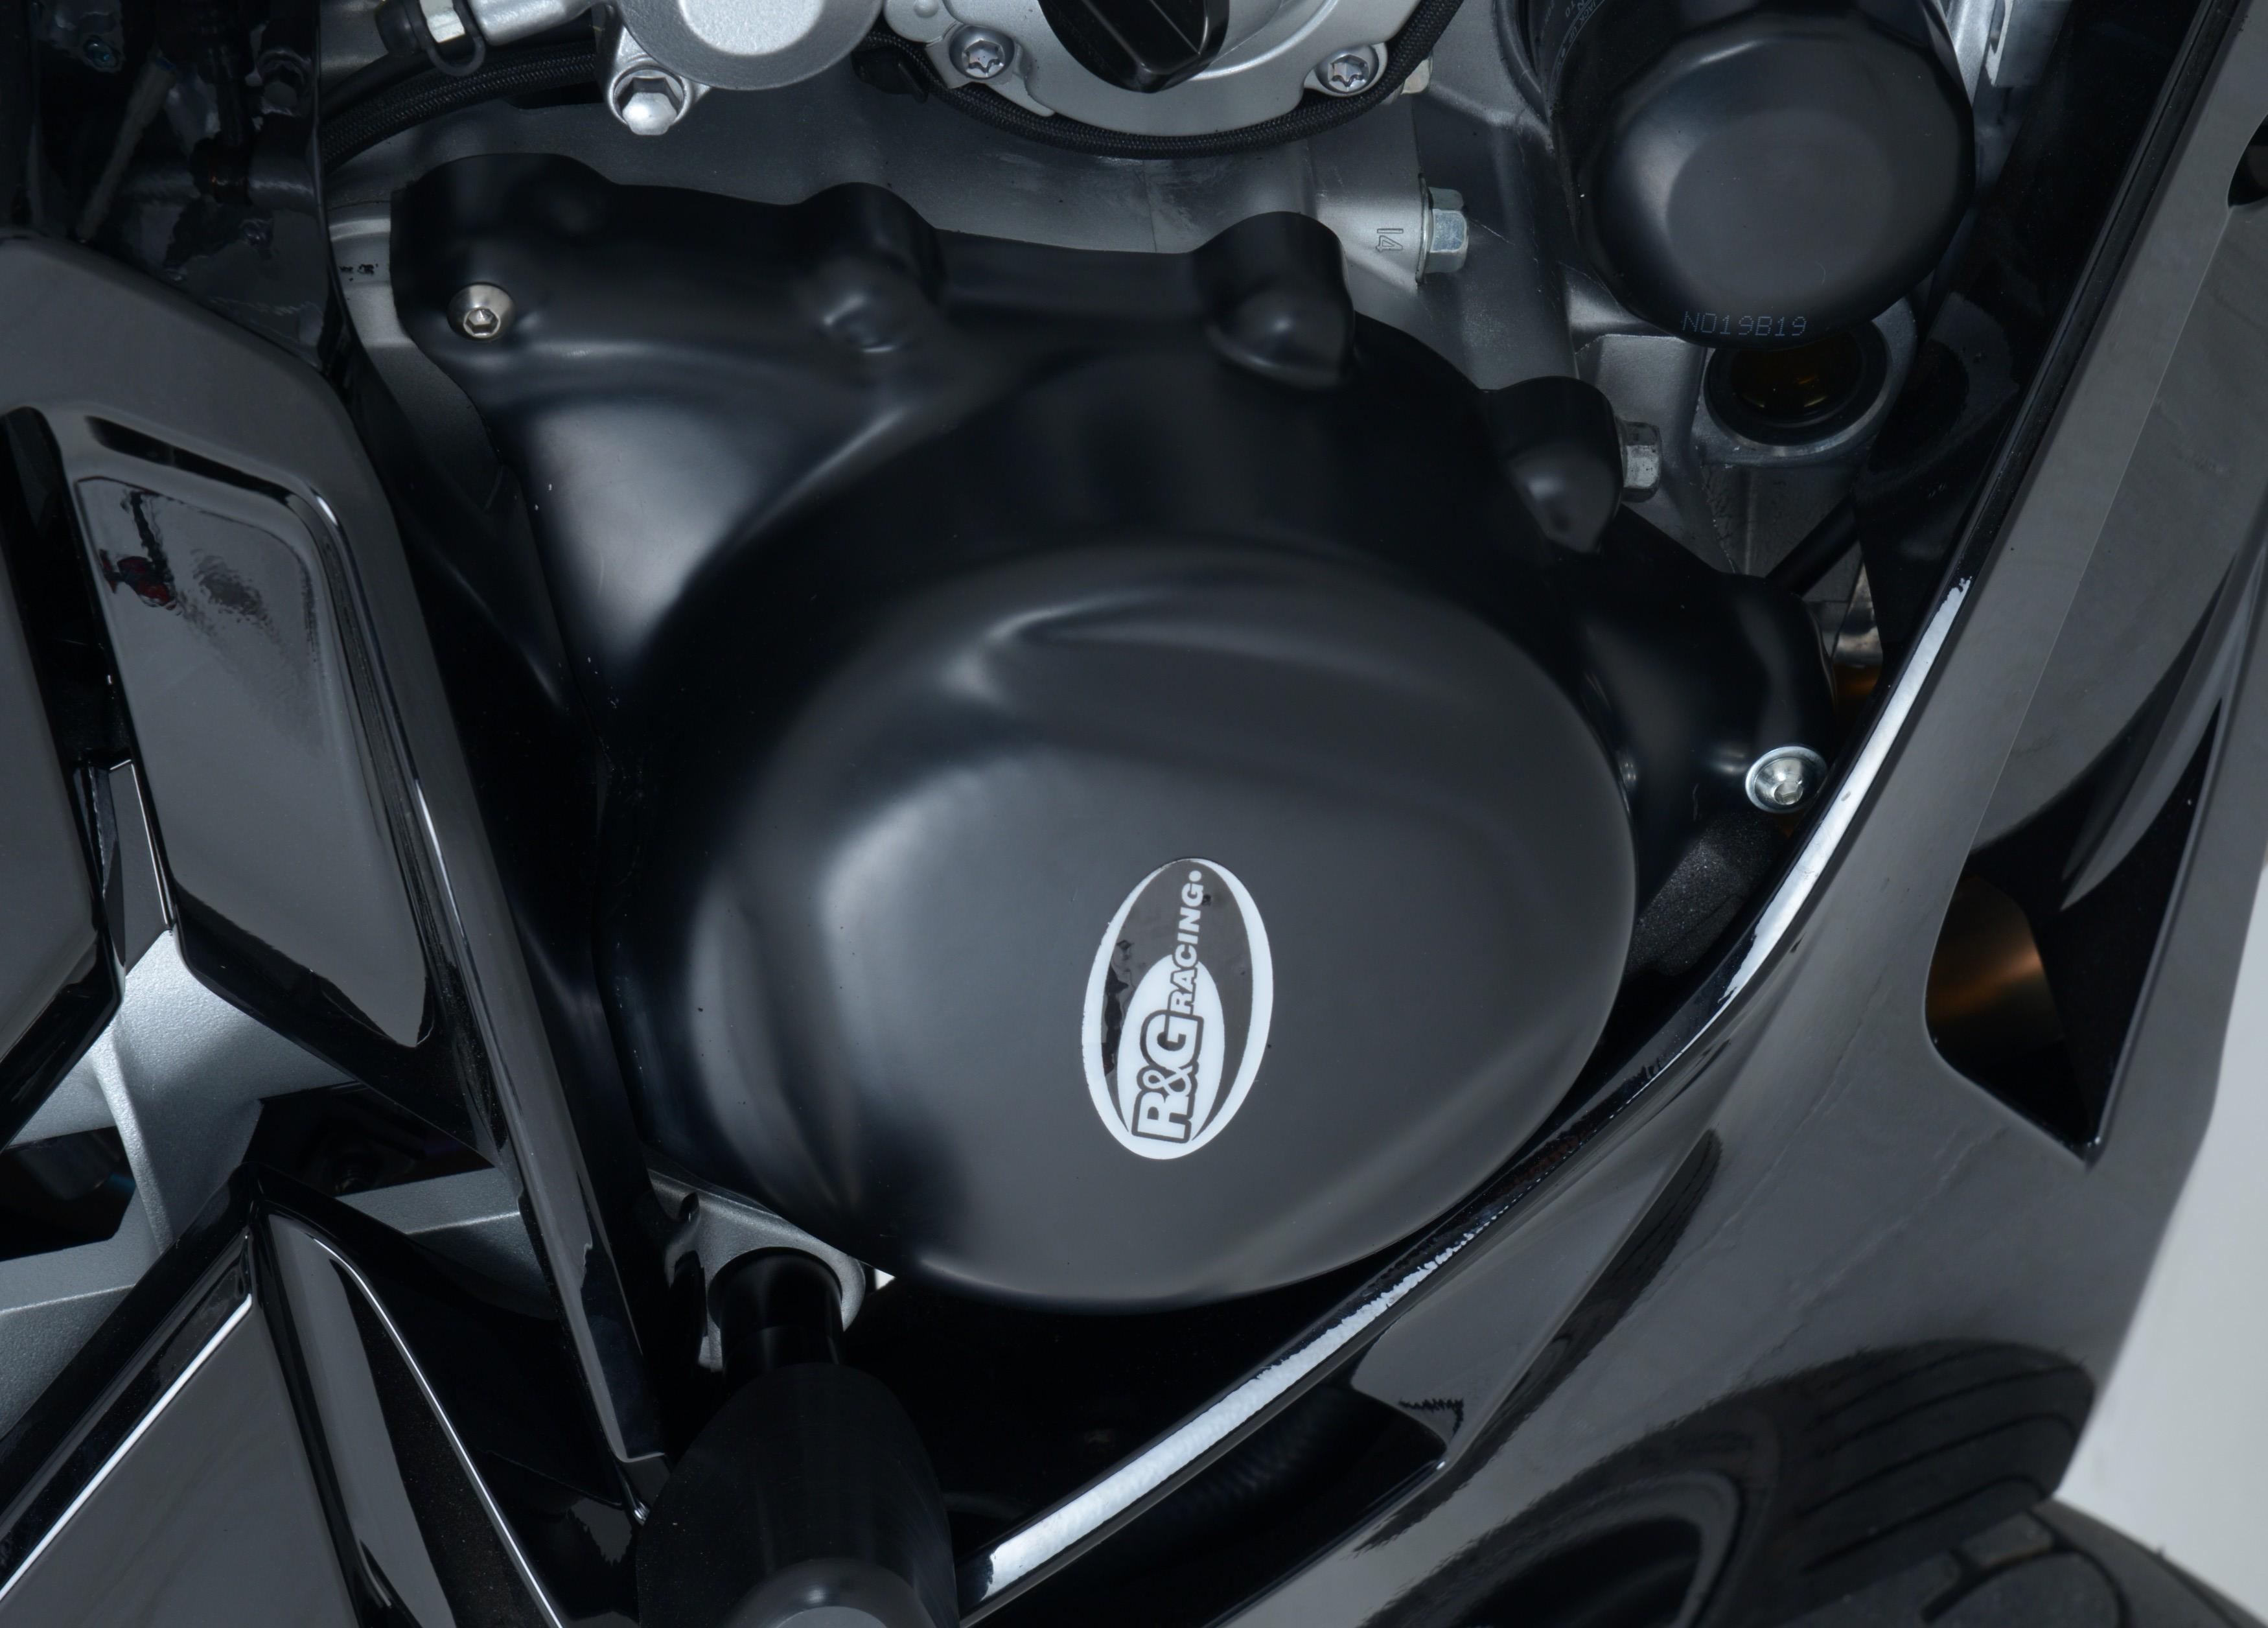 R&G CCC0157BK Motorblokdeksel Cover Links Yamaha FJR 1300 (AE/AS) (13-)